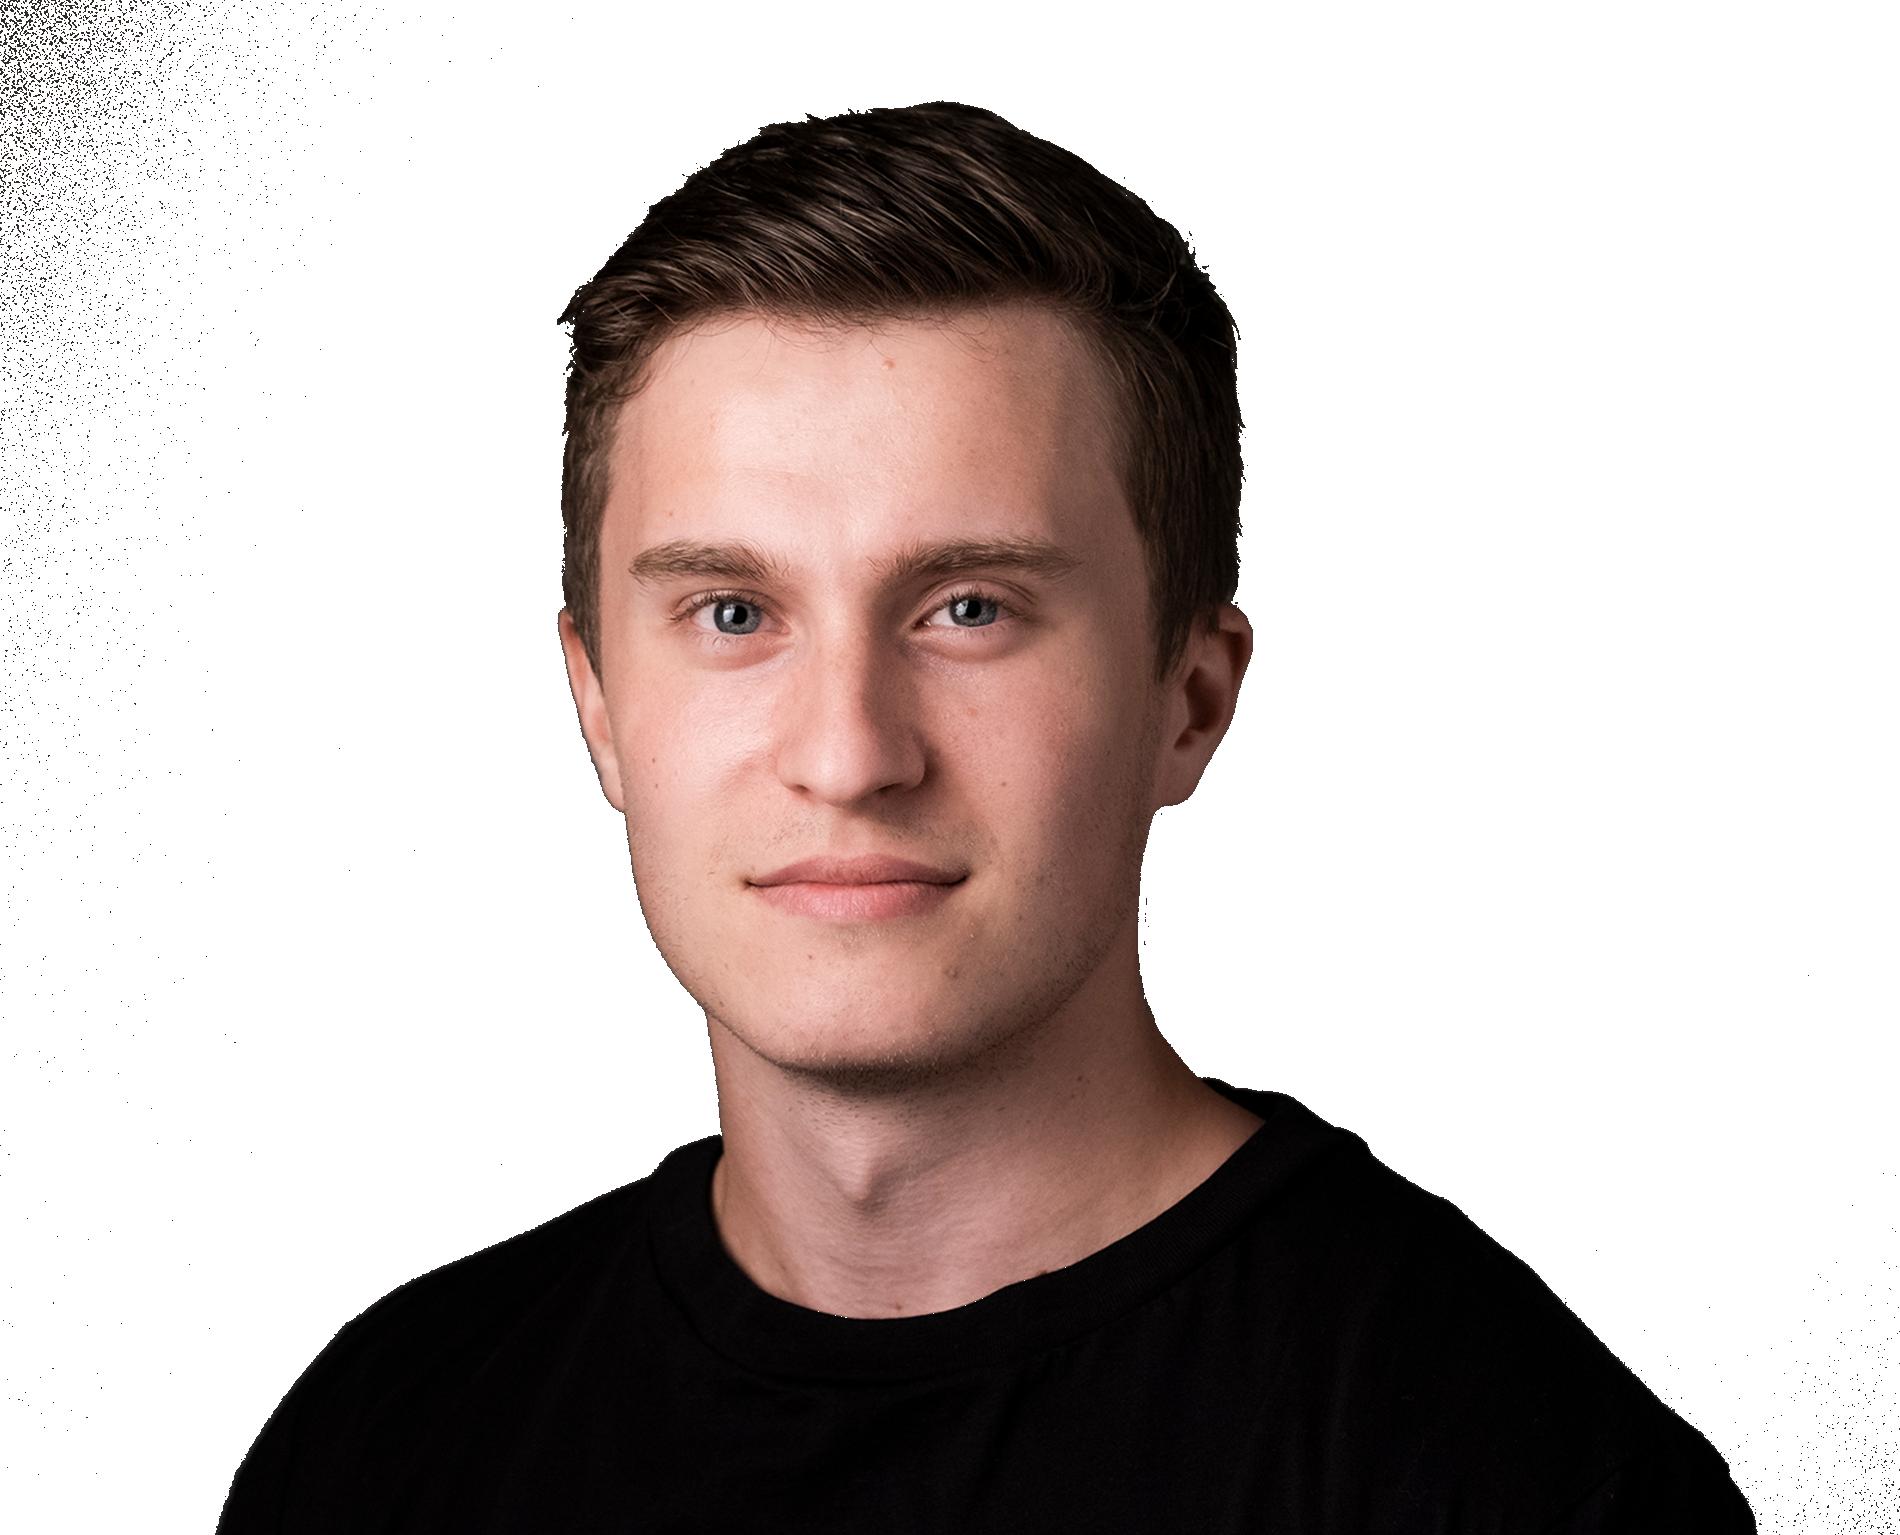 Jonas Vikingstad